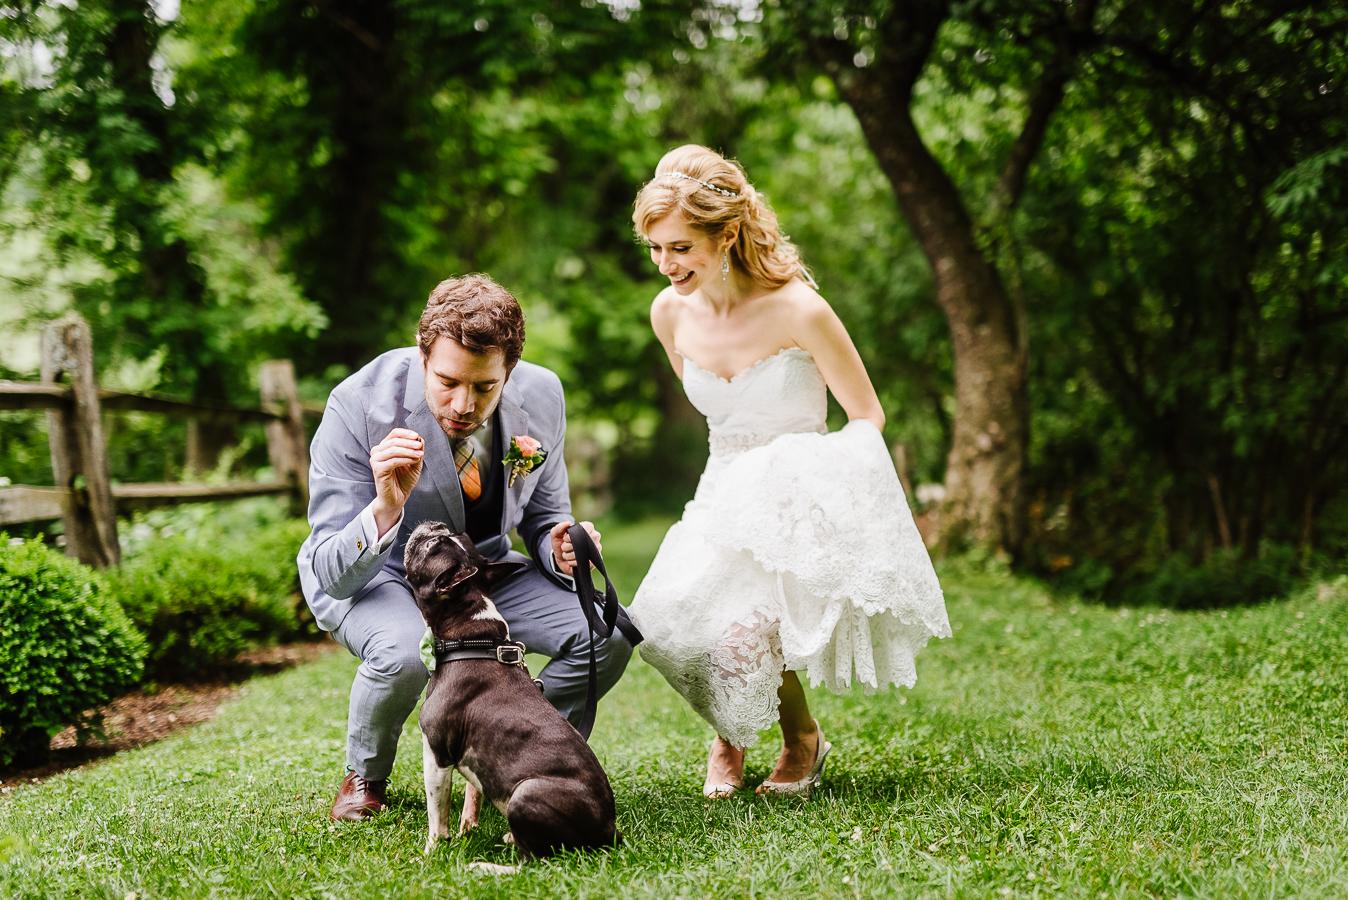 Stylish Crossed Keys Inn Wedding Crossed Keys Wedding Crossed Keys Inn Andover NJ Longbrook Photography-27.jpg